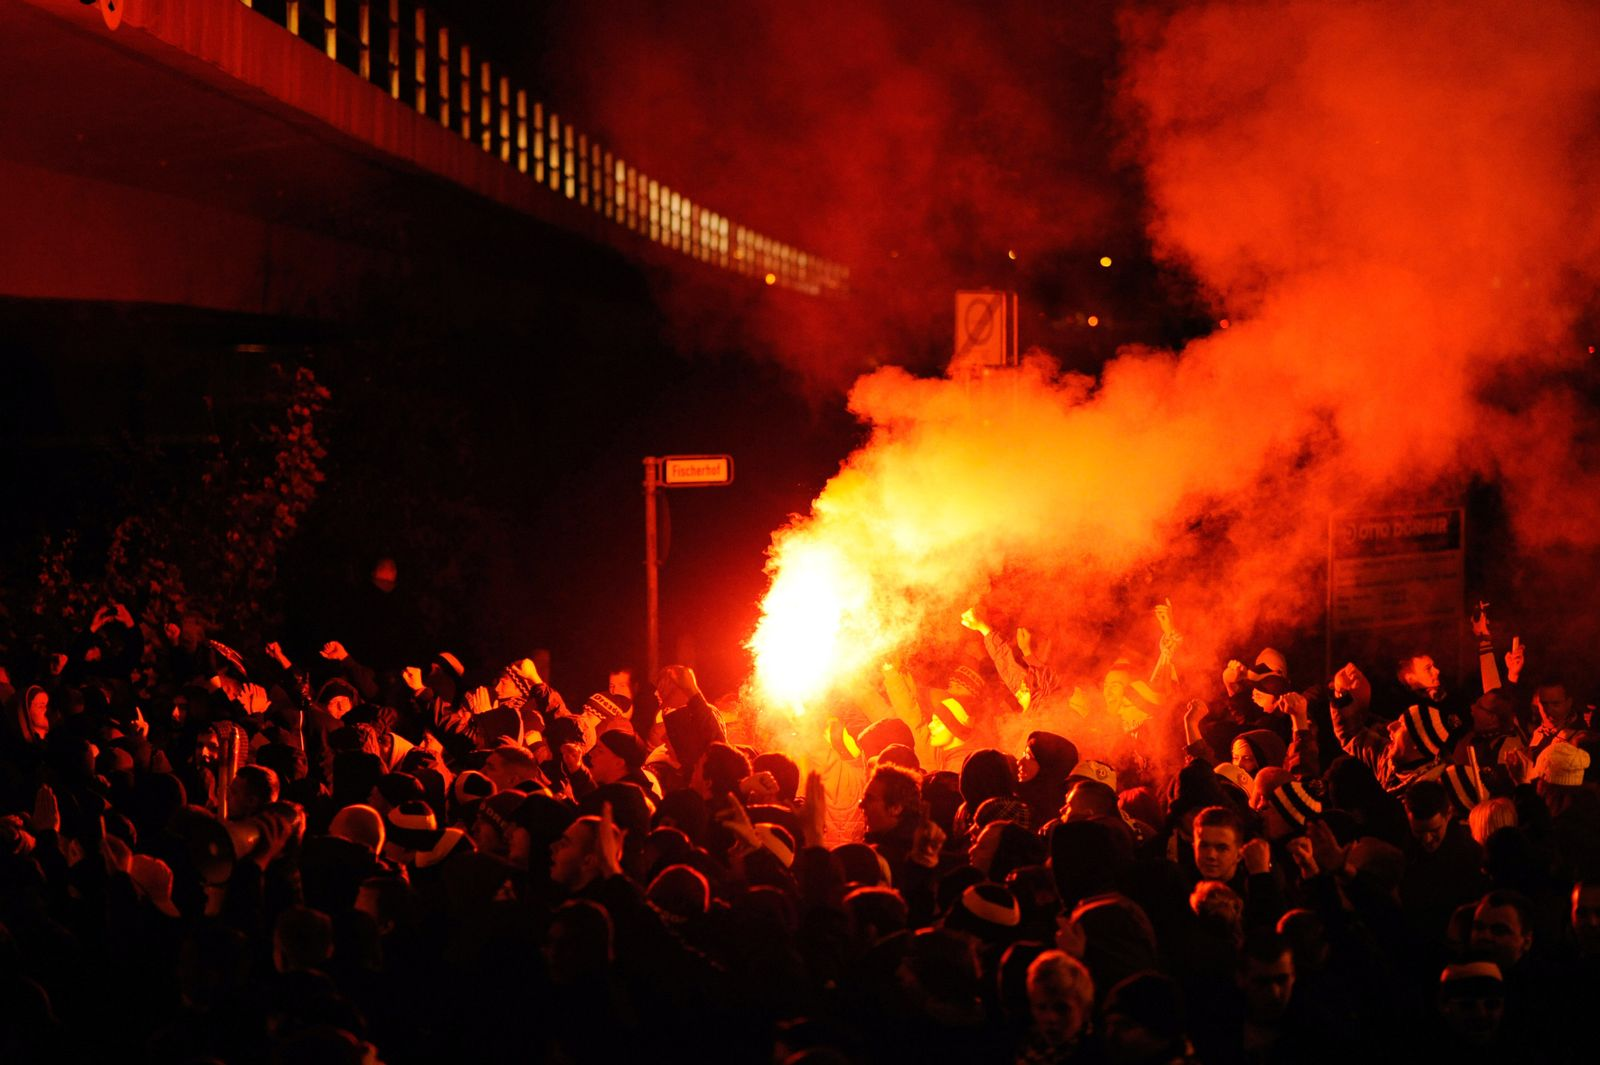 Polizeiaufgebot vor DFB Pokalspiel in Hannover